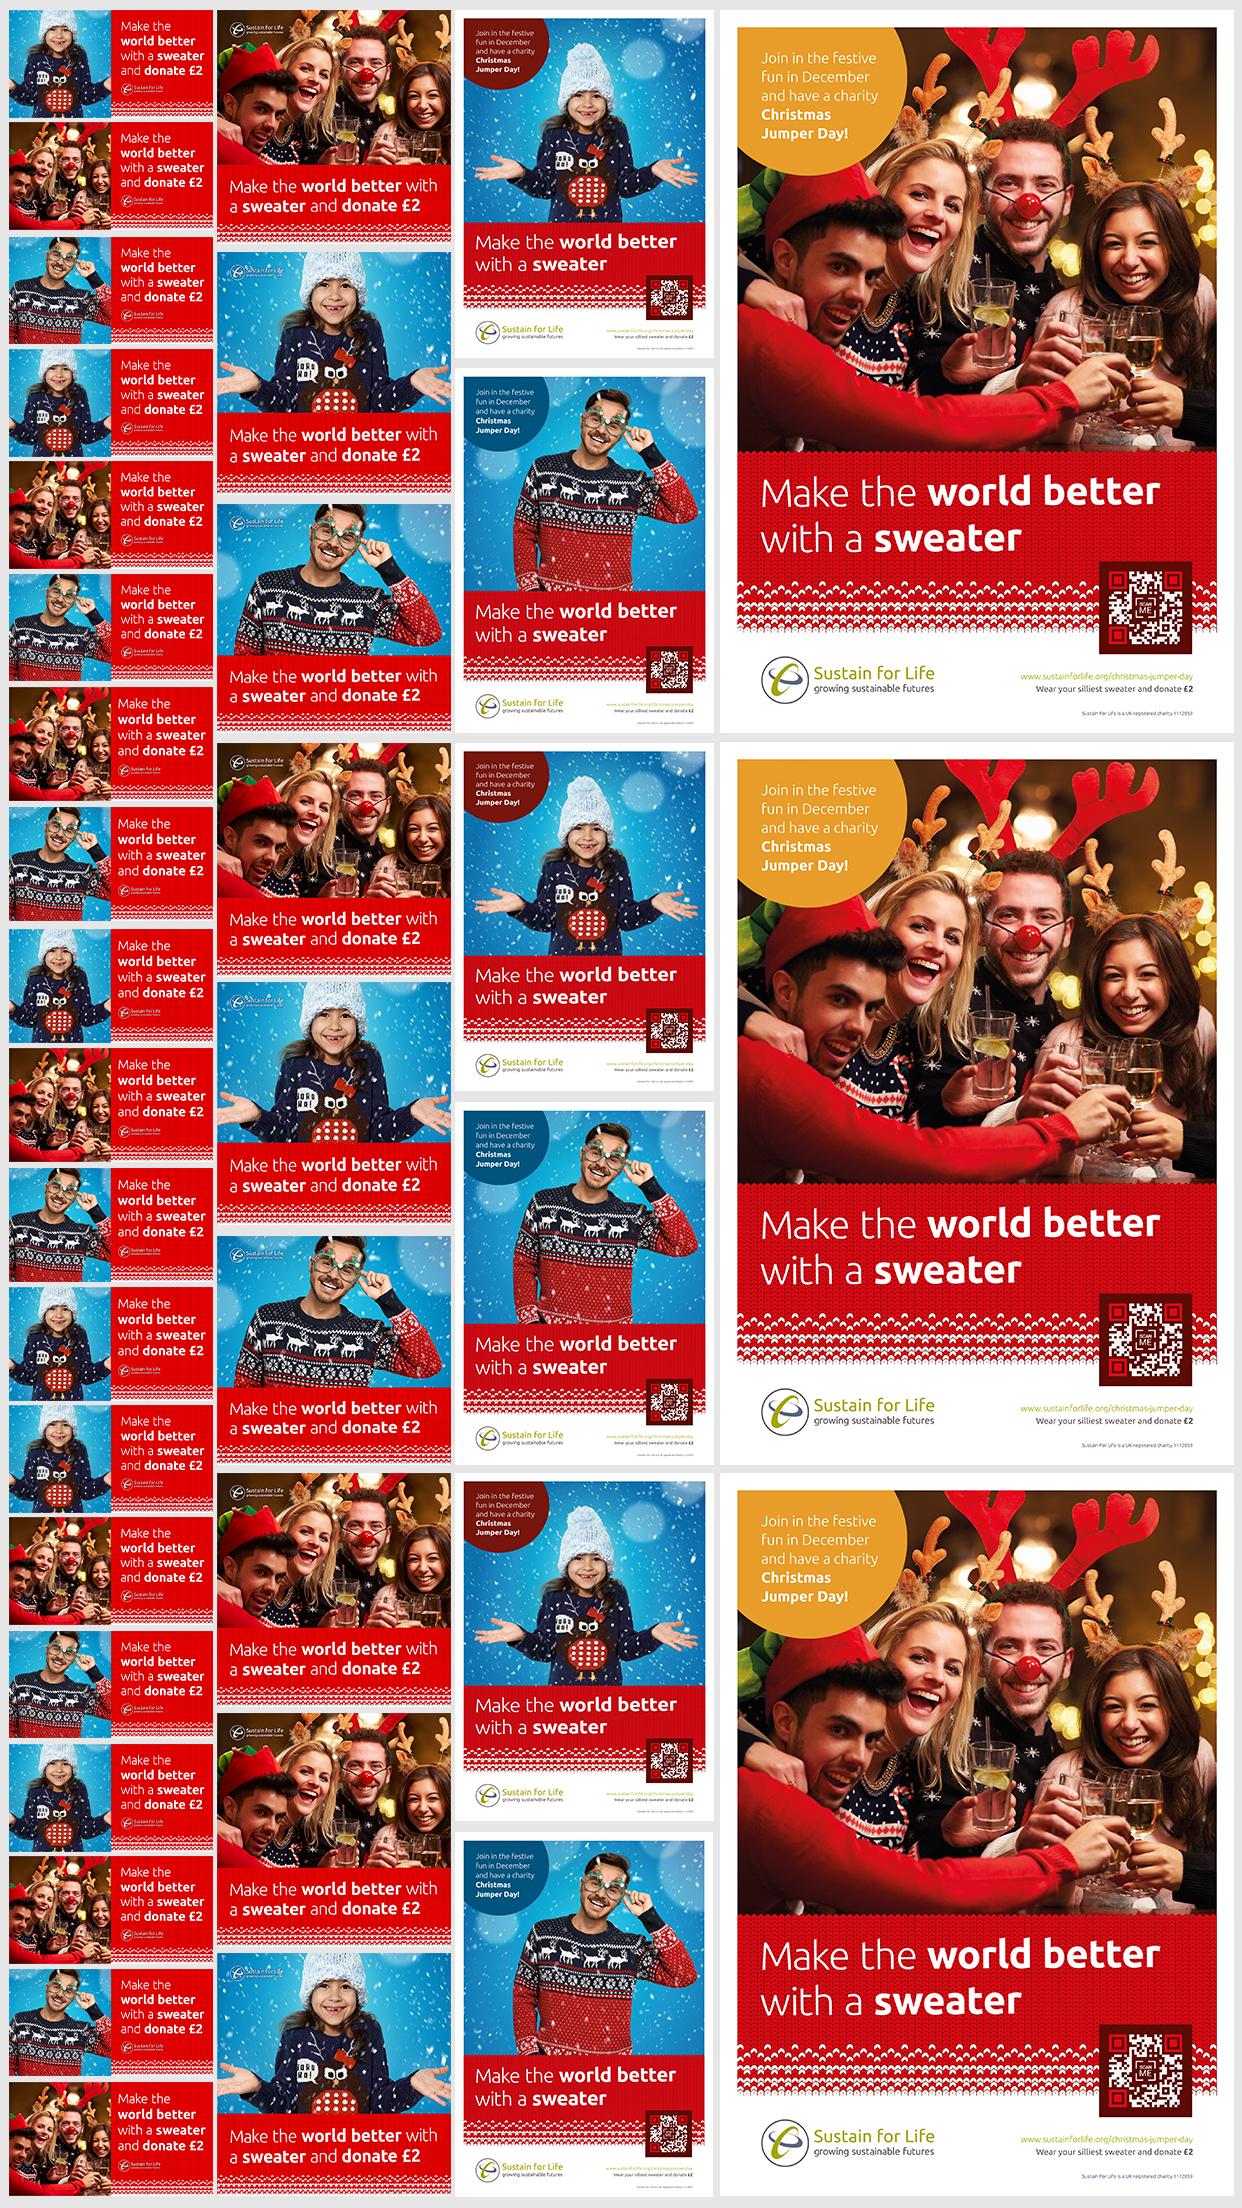 Sustain for Life Social Media Board Mobile